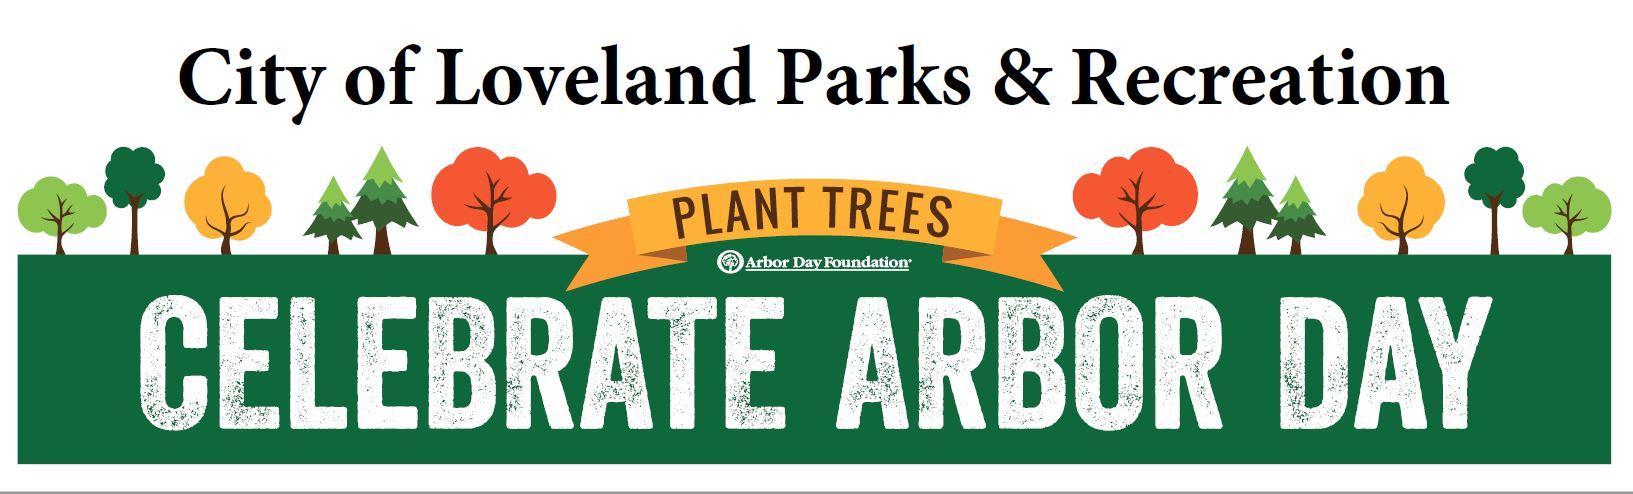 Arbor Day 2018 in Loveland, CO